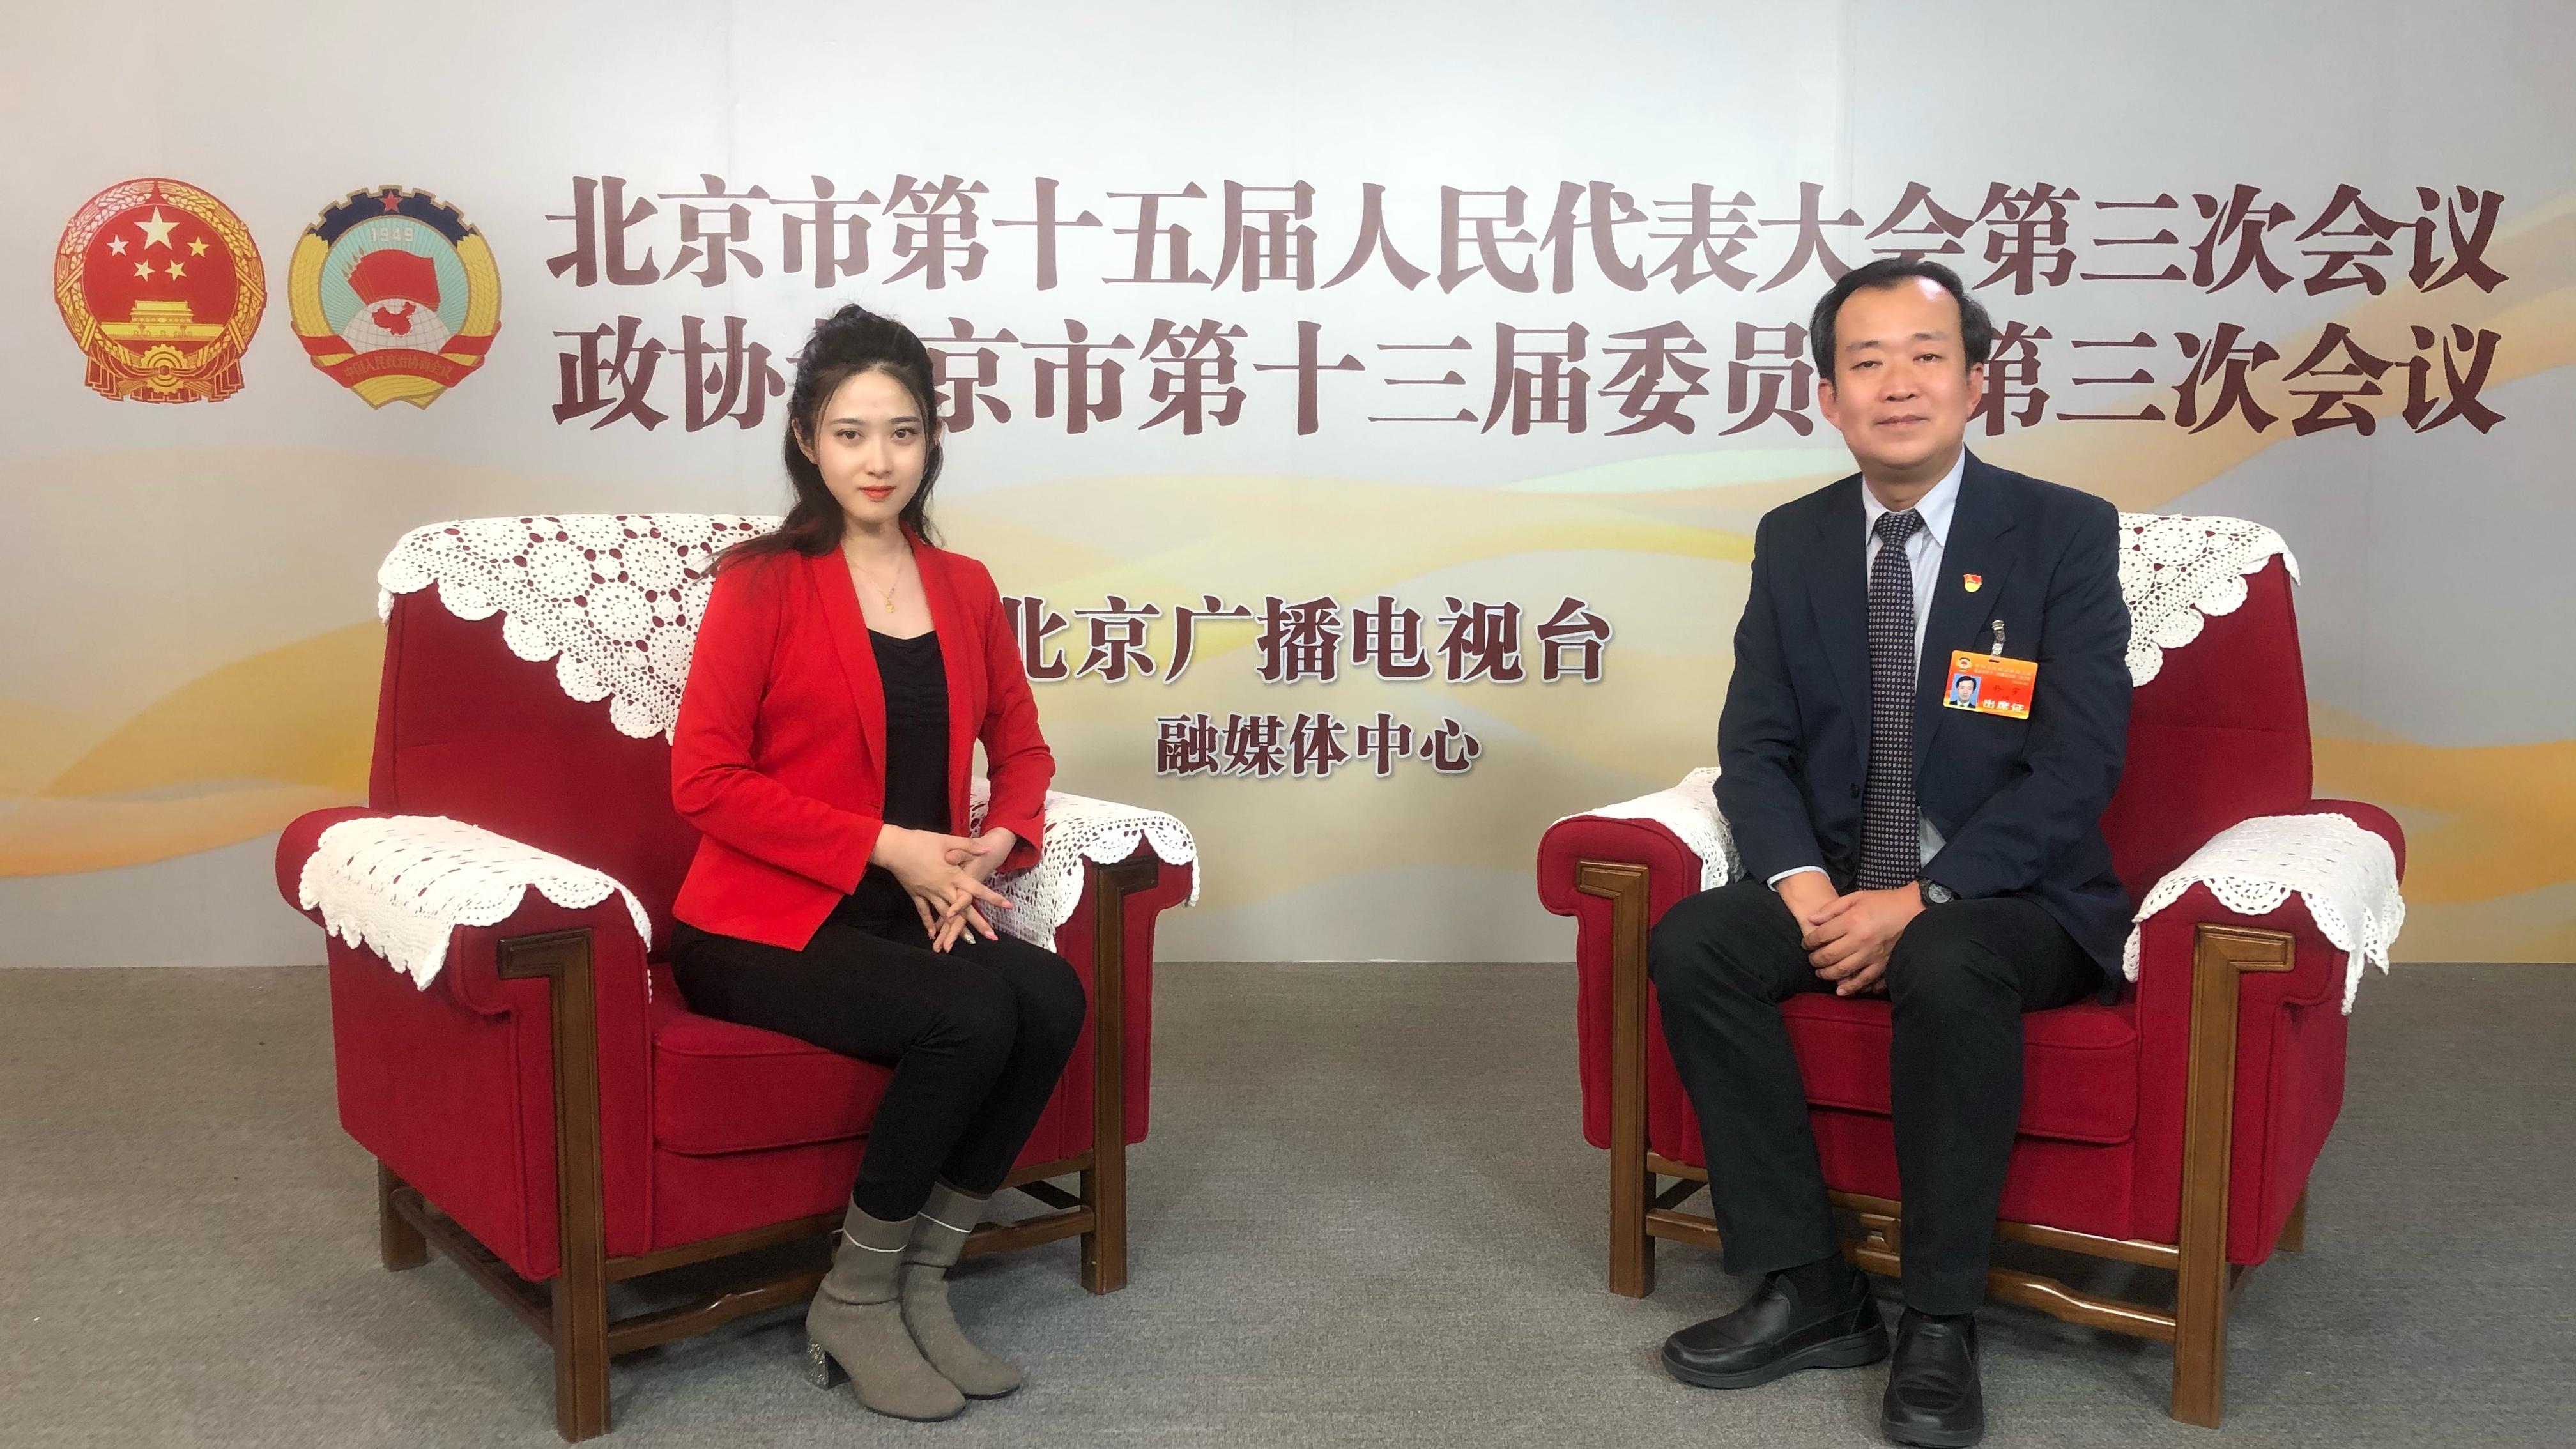 北京市政协委员孙宇:强化快递服务车辆规范管理